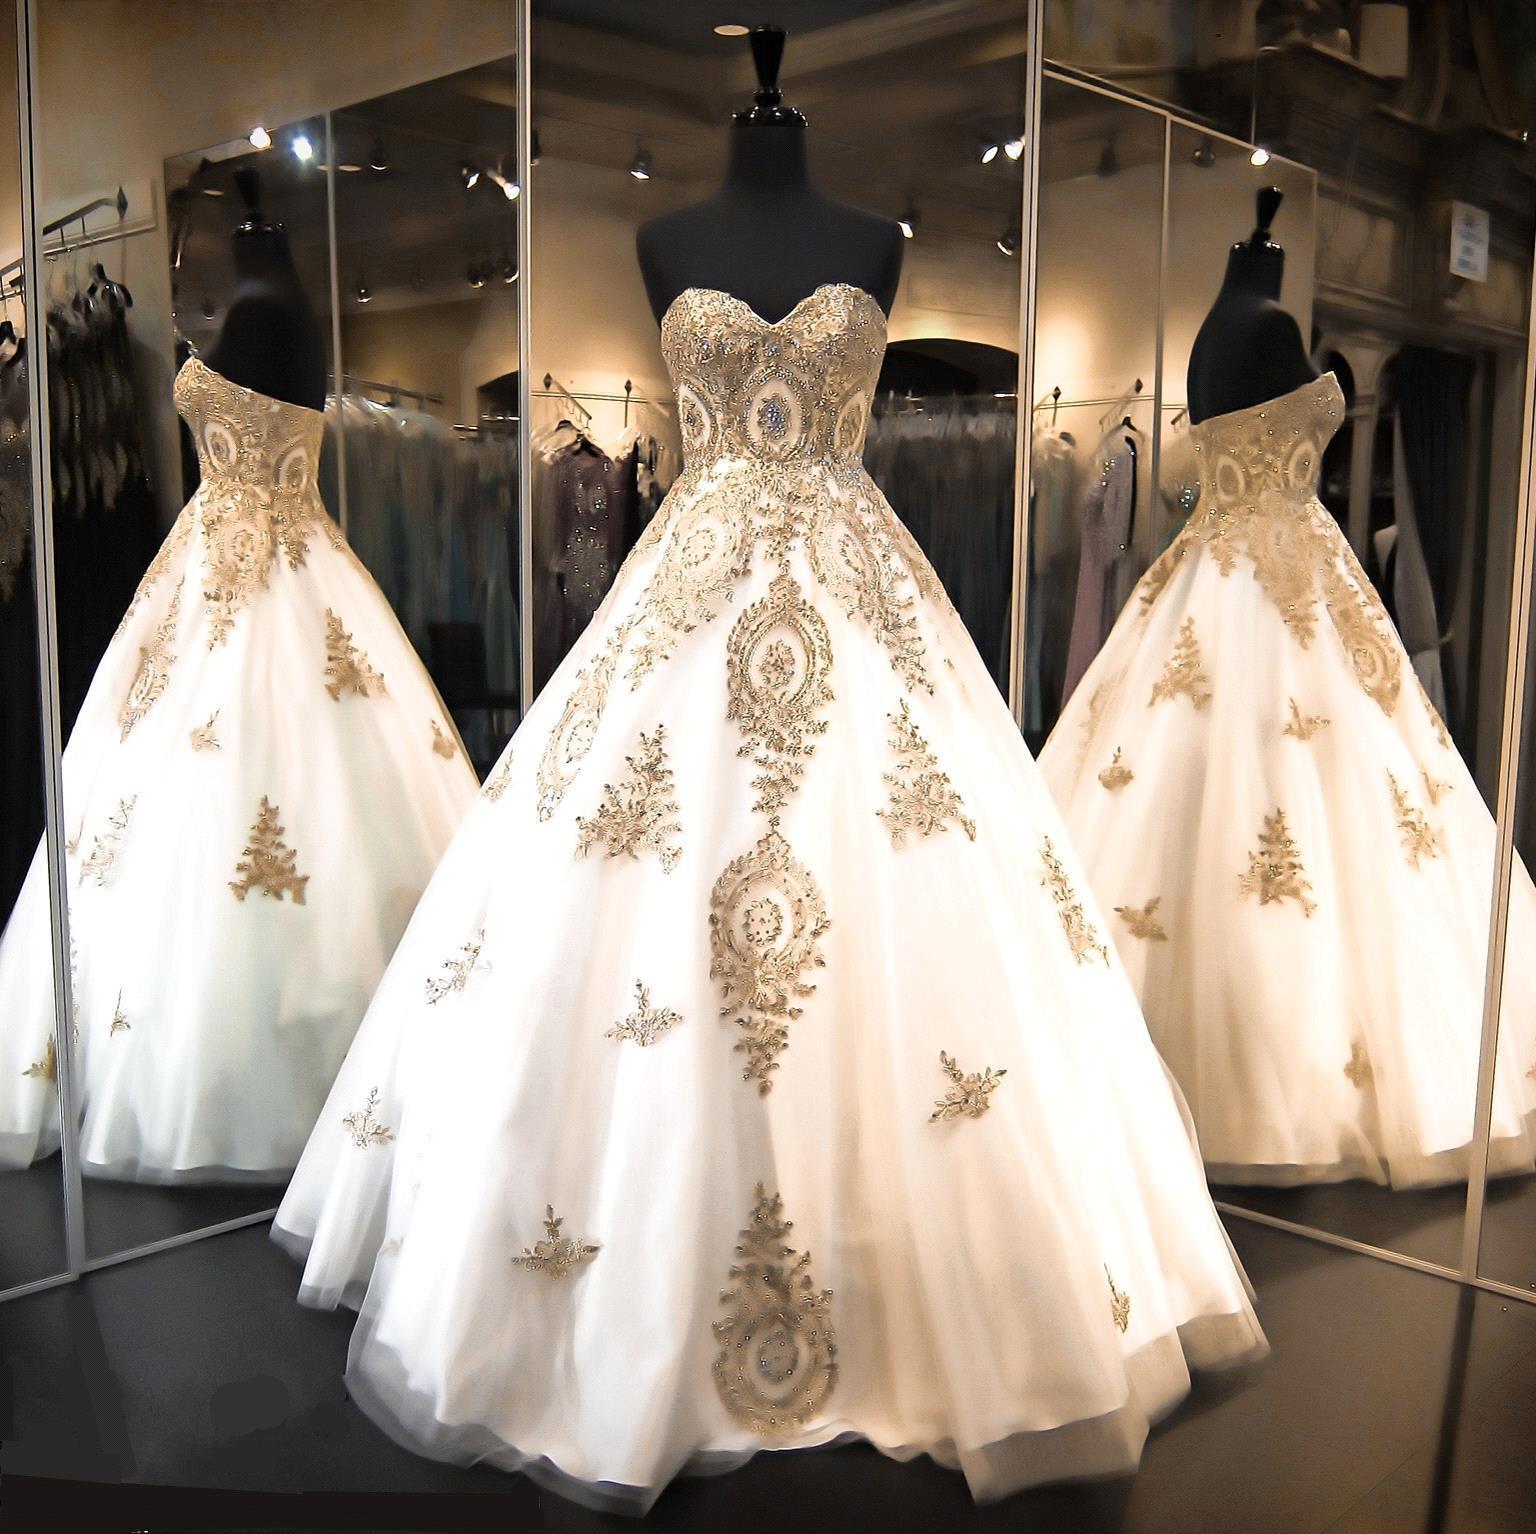 Vestidos de novia de quinceañera 2016 Vestidos de gala Niveles de tul con apliques de oro 15 Vestidos de fiesta de baile de graduación Vestidos personalizados